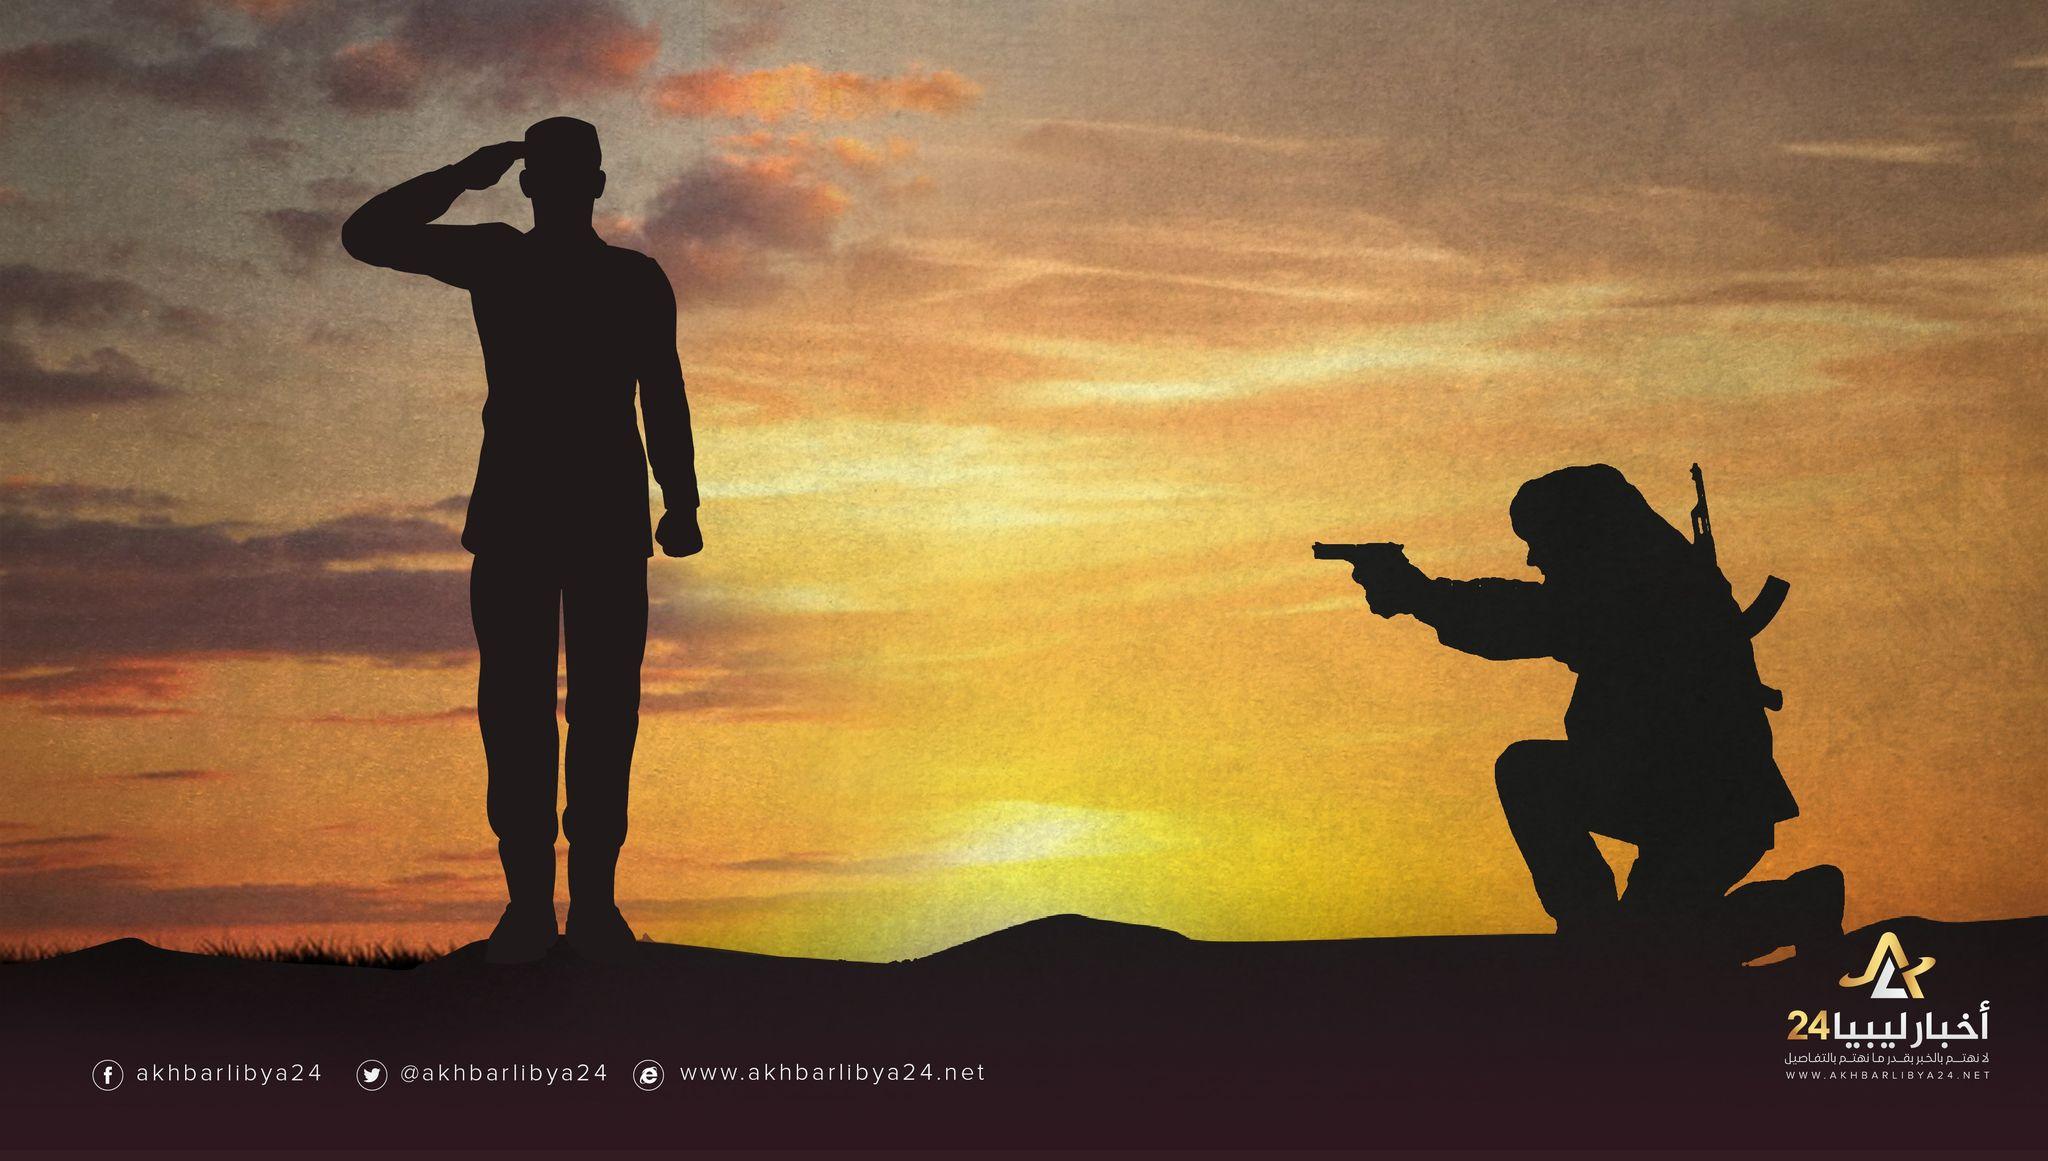 صورة لأنه صدح بالحق على القنوات المرئية .. أصبح هدف للجماعات الإرهابية